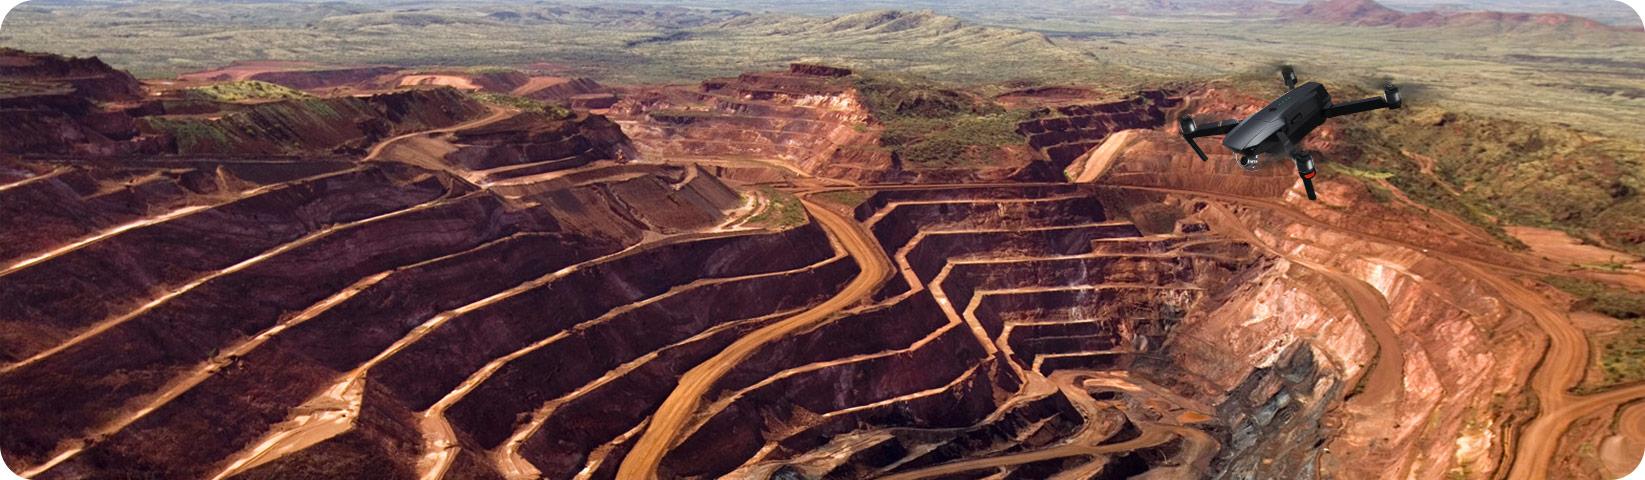 کاربرد کوادکوپتر در شناسایی معدن